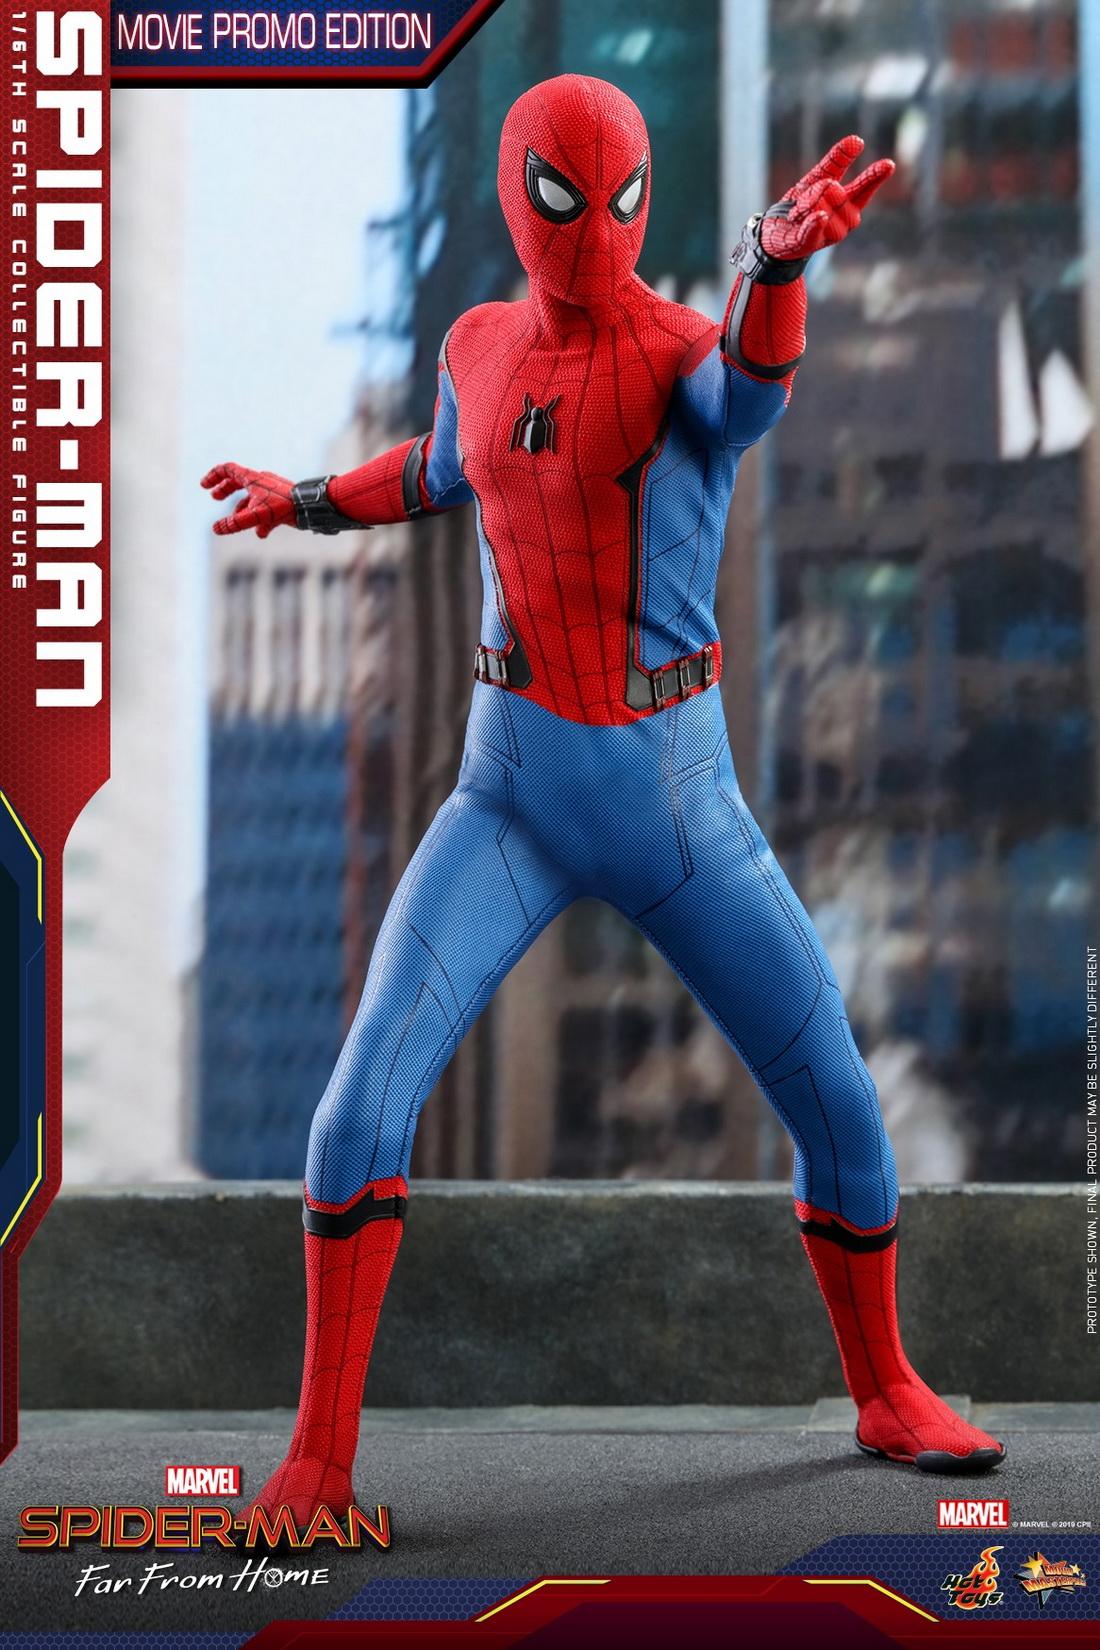 阉割配件变相再版,HT蜘蛛侠居然出了电影限定版?